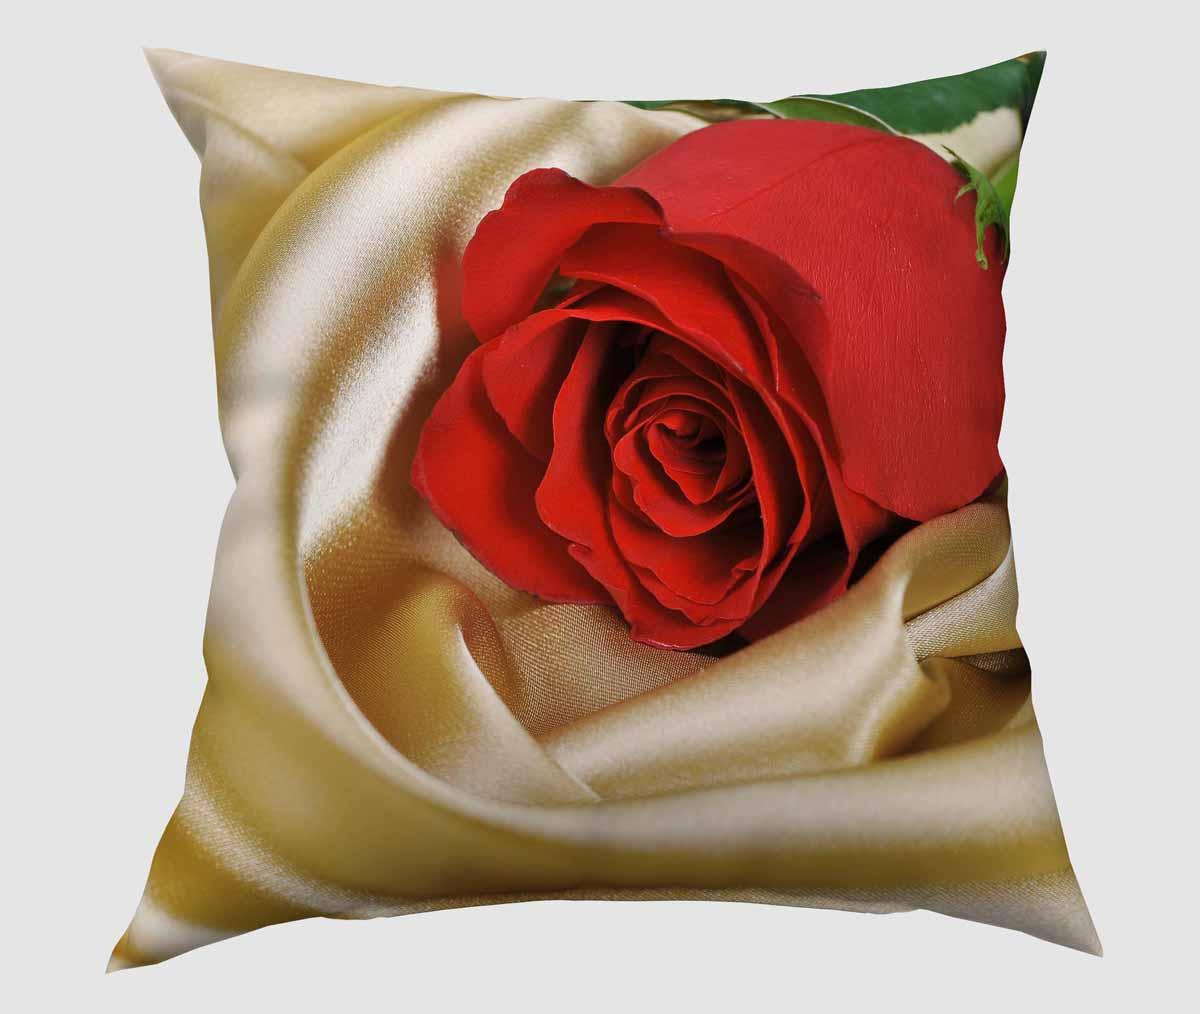 Подушка декоративная Сирень Красная роза, 40 х 40 см531-105Декоративная подушка Сирень Красная роза, изготовленная из габардина (100% полиэстер), прекрасно дополнит интерьер спальни или гостиной. Подушка оформлена красочным изображением. Внутри - мягкий наполнитель из холлофайбера (100% полиэстер). Красивая подушка создаст атмосферу тепла и уюта в спальне и станет прекрасным элементом декора.